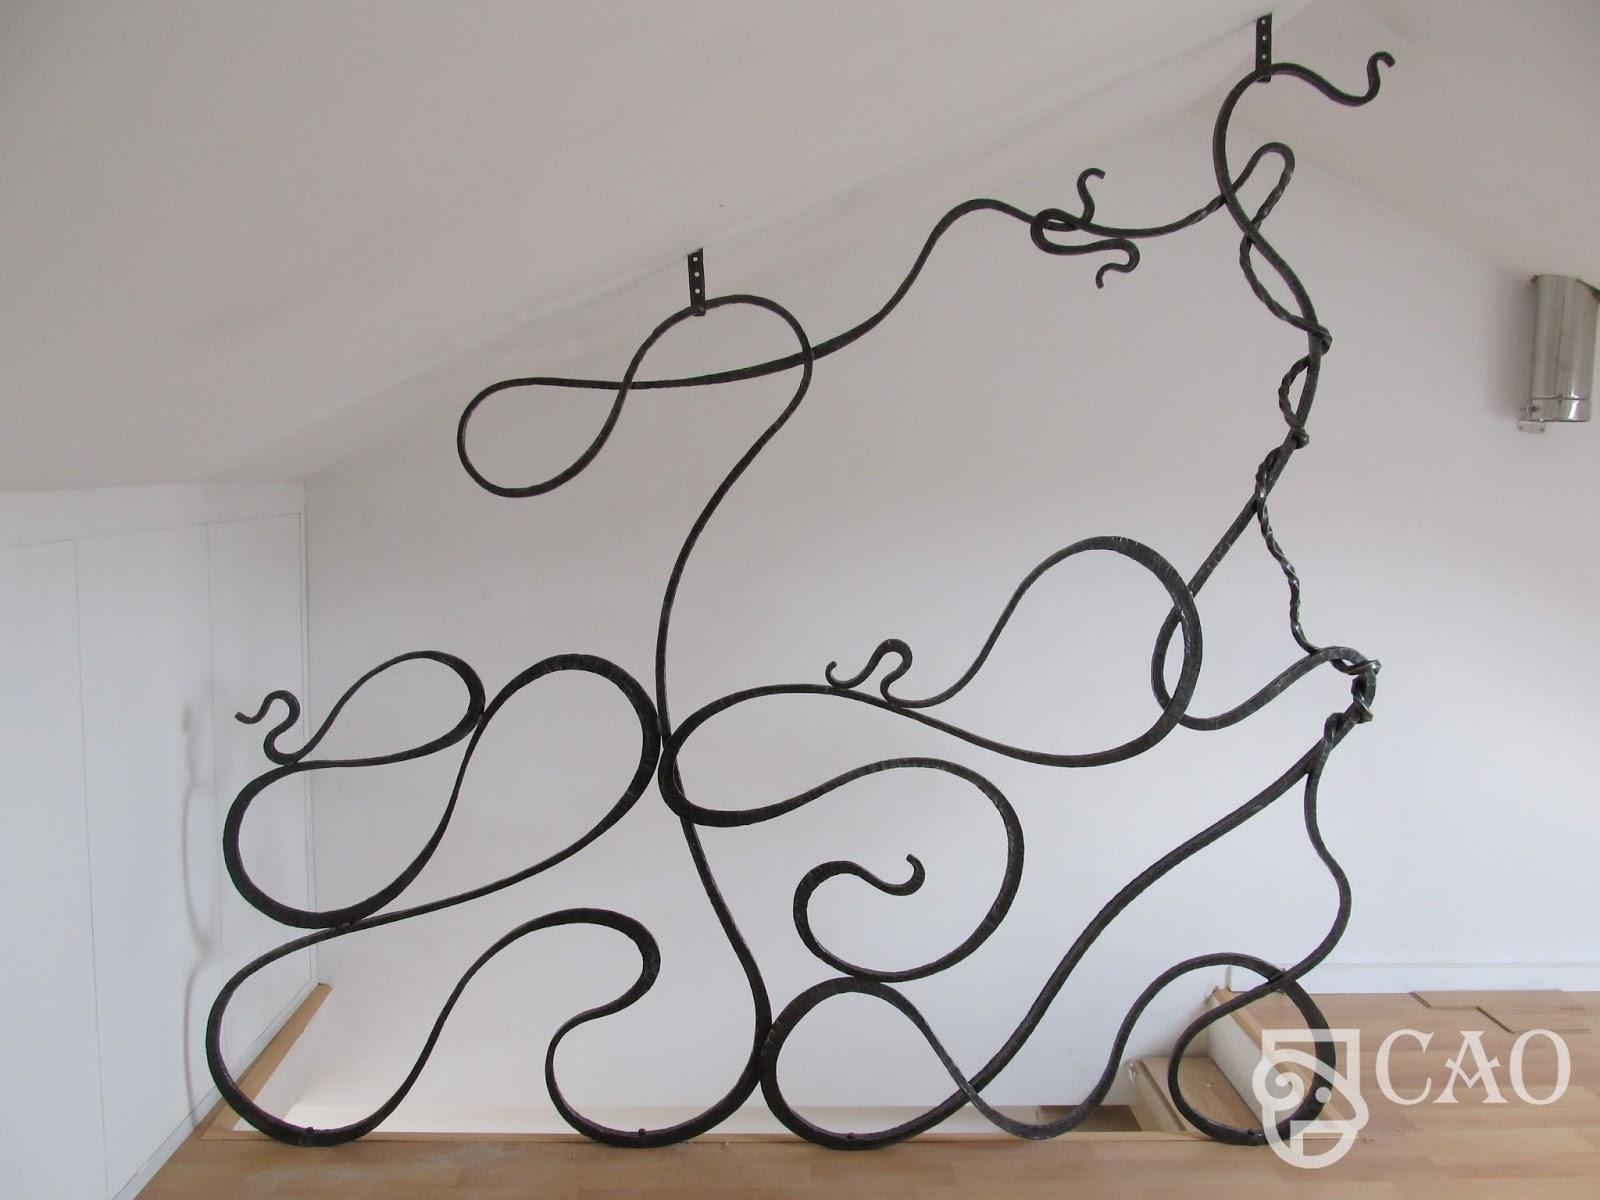 Barandillas De Forja Para Escaleras De Interior Cool Amazing  ~ Barandillas De Forja Para Escaleras De Interior